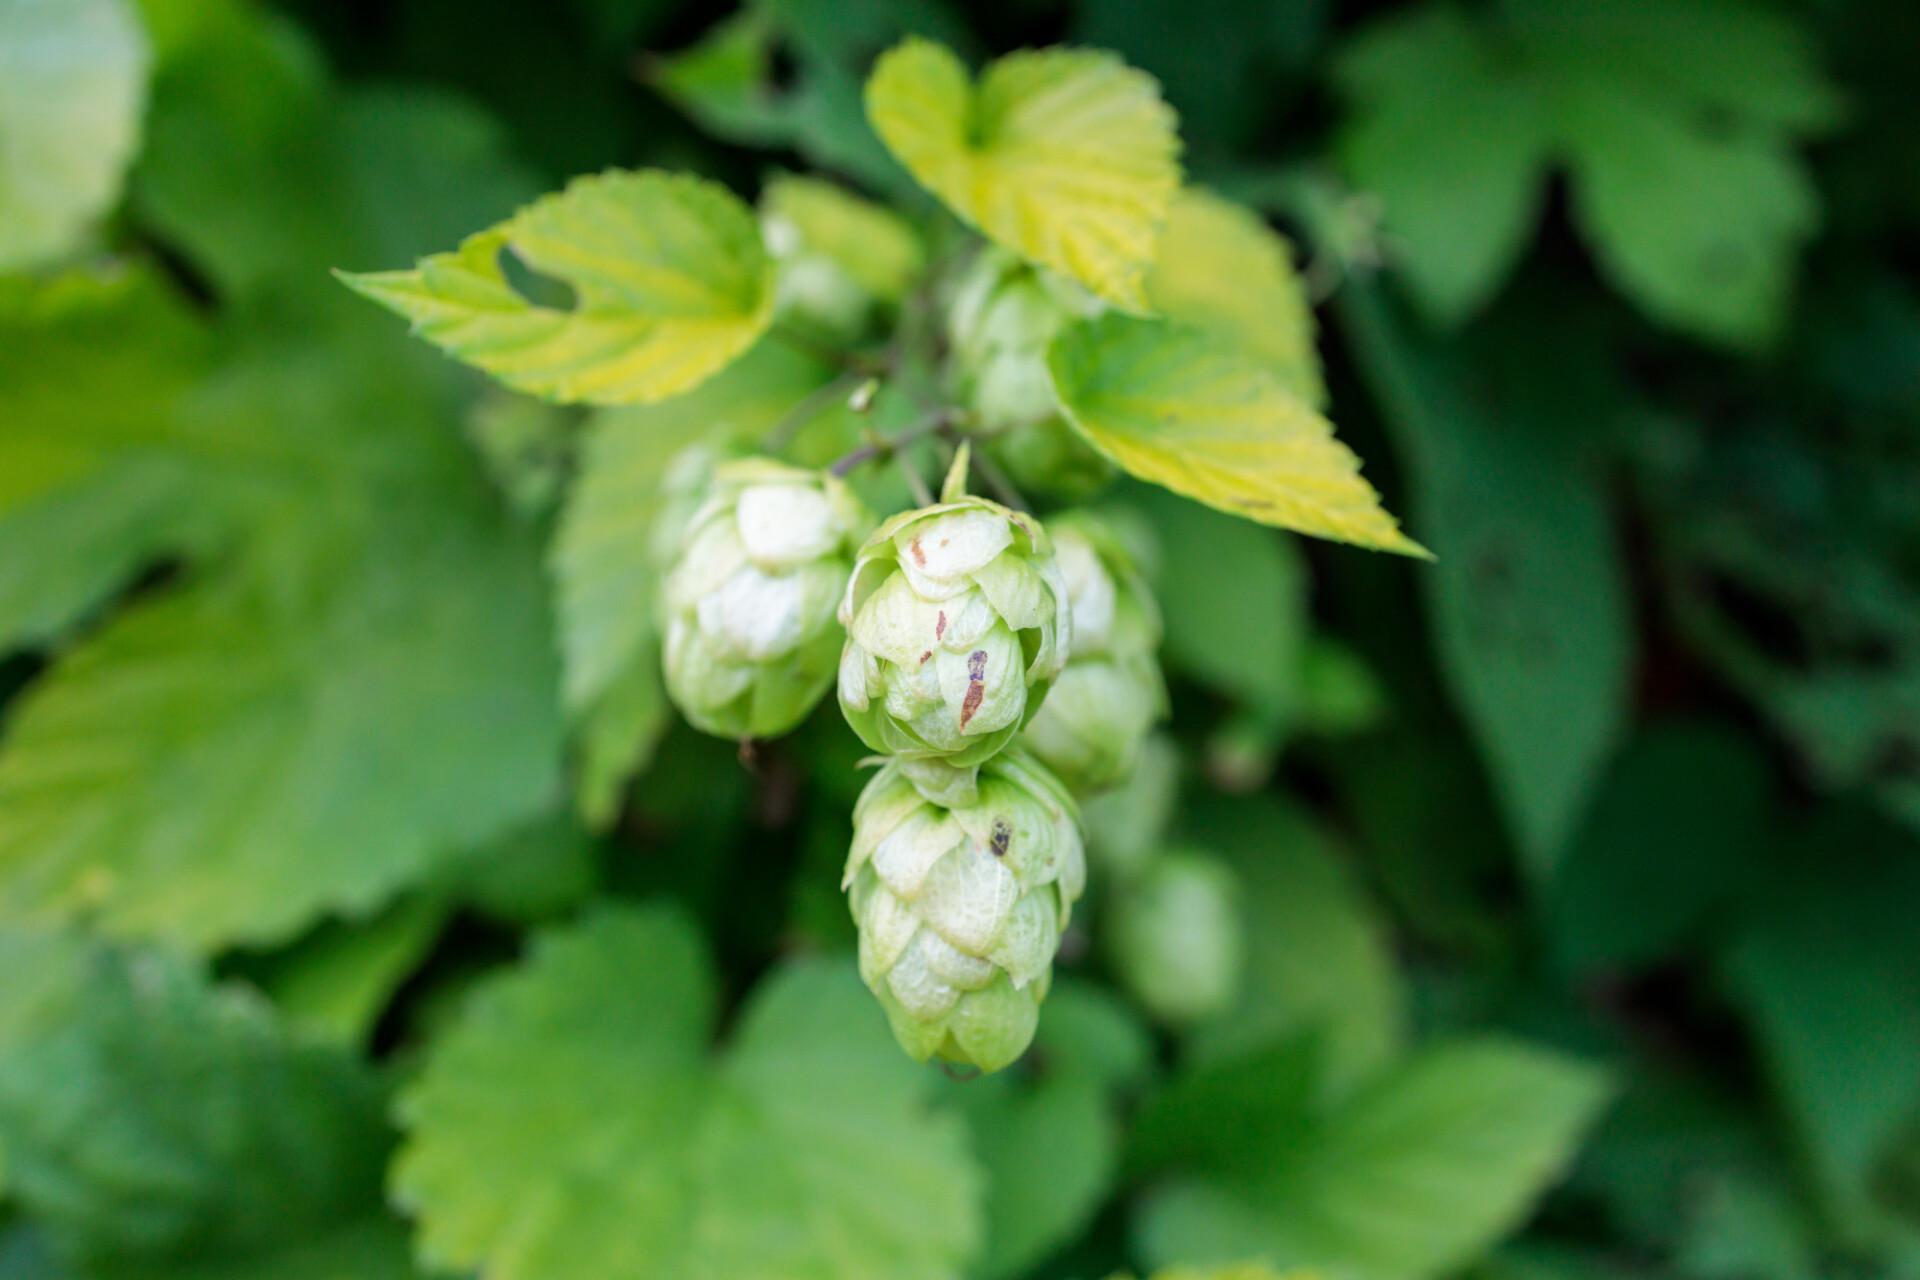 Hops ripen in late summer